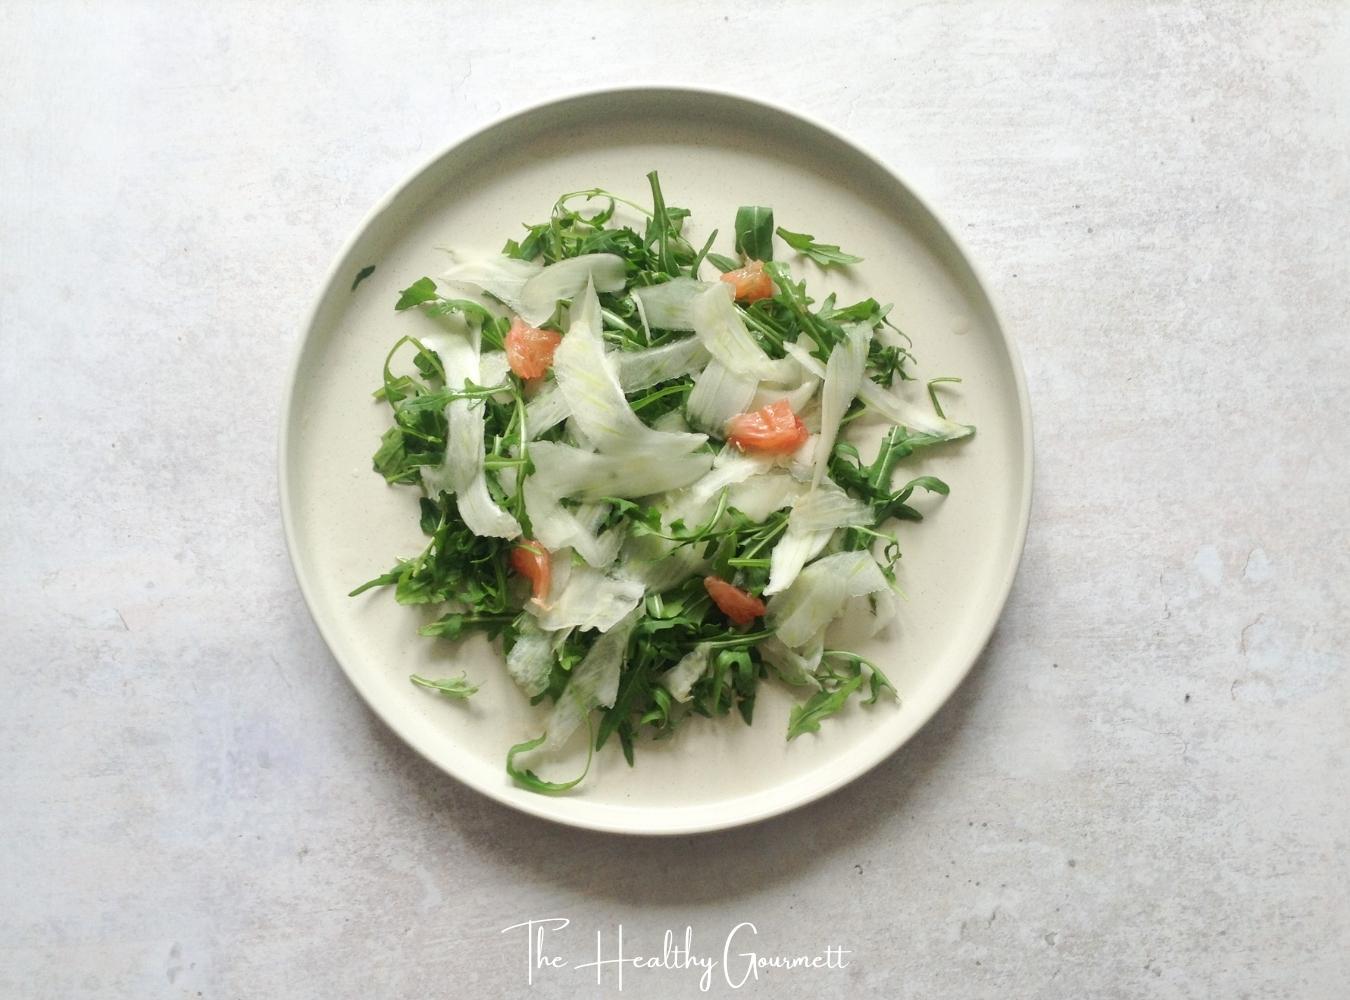 Fennel, rocket & grapefruit salad